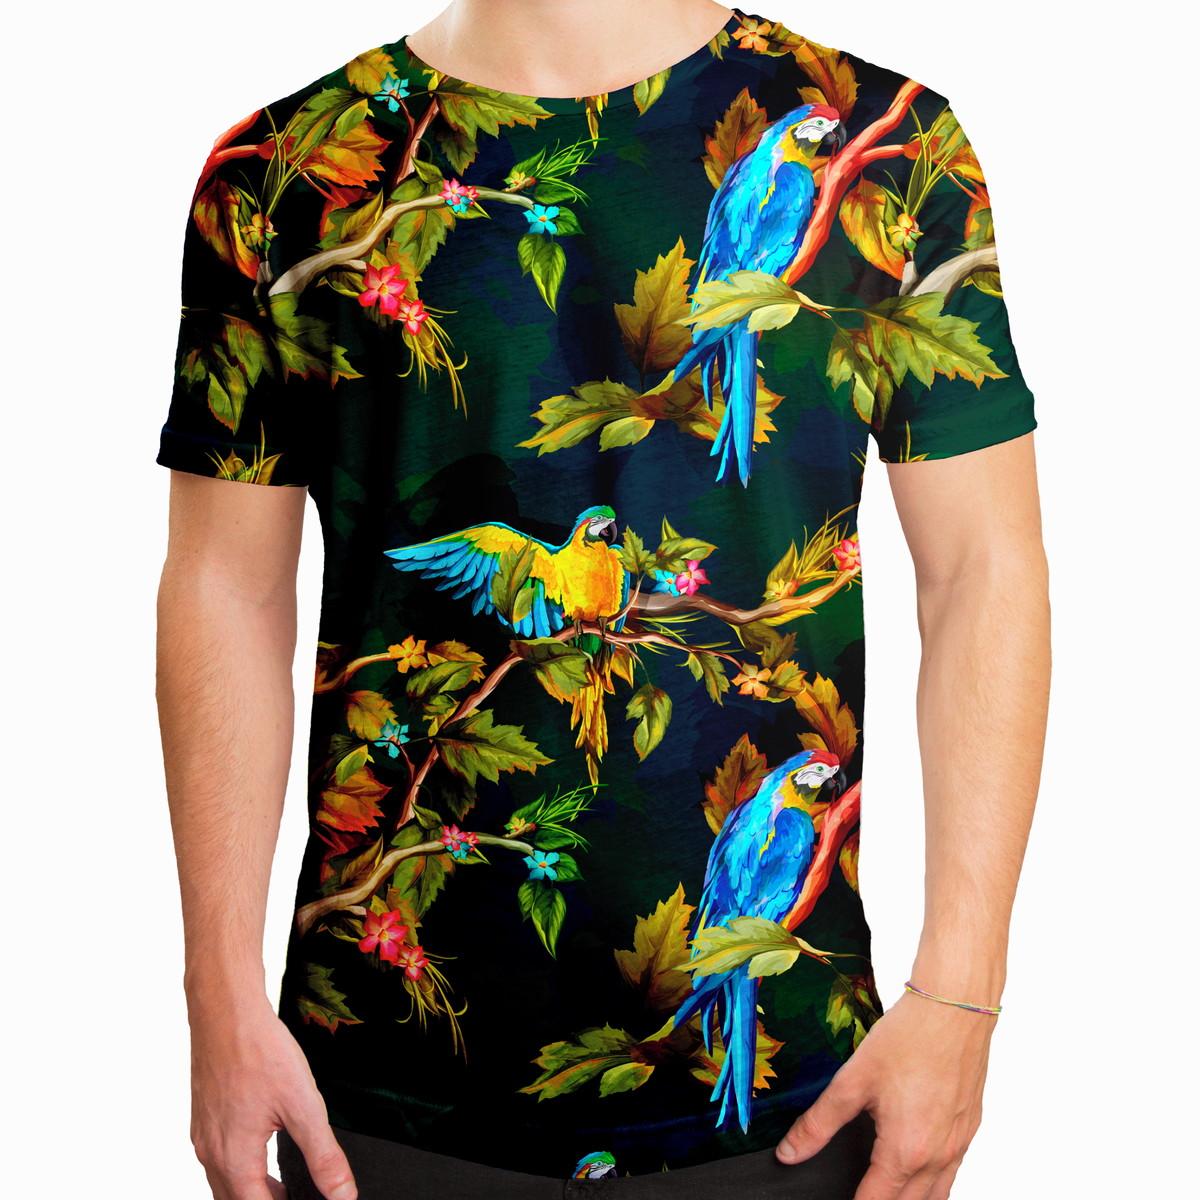 3339e4232 Camiseta Masculina Longline Swag Araras Estampa Digital no Elo7 ...